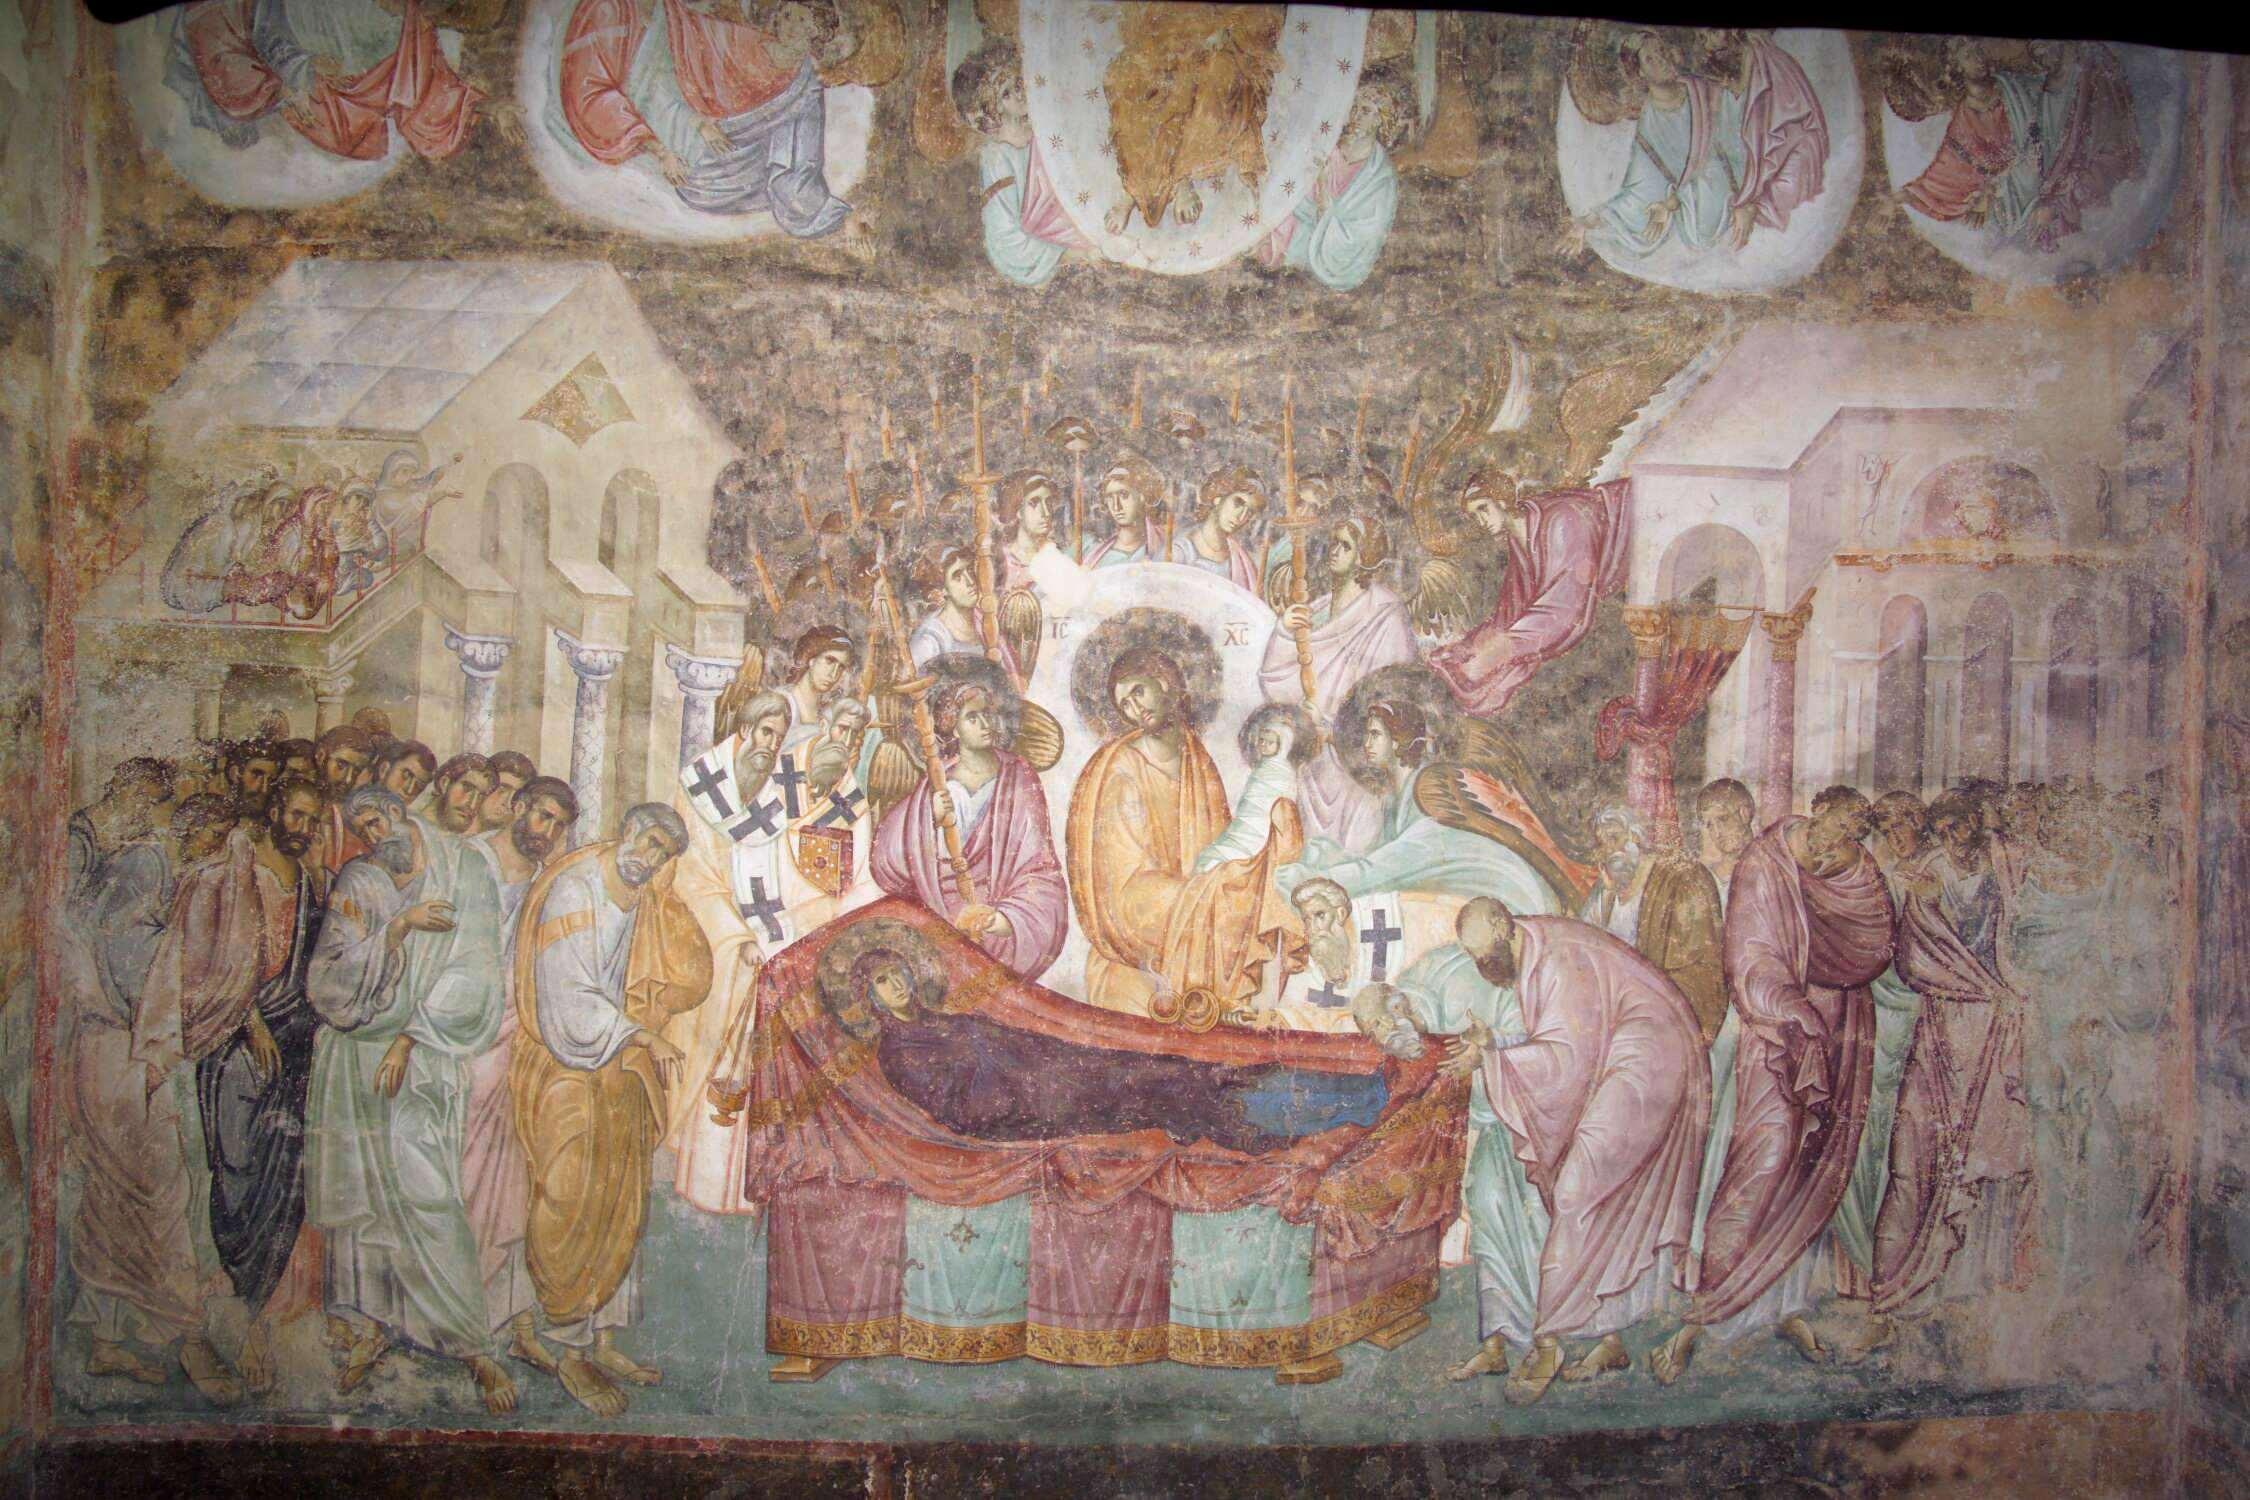 Успение Пресвятой Богородицы. Фреска XIII века в монастыре Сопочаны, Сербия. Фрагмент.